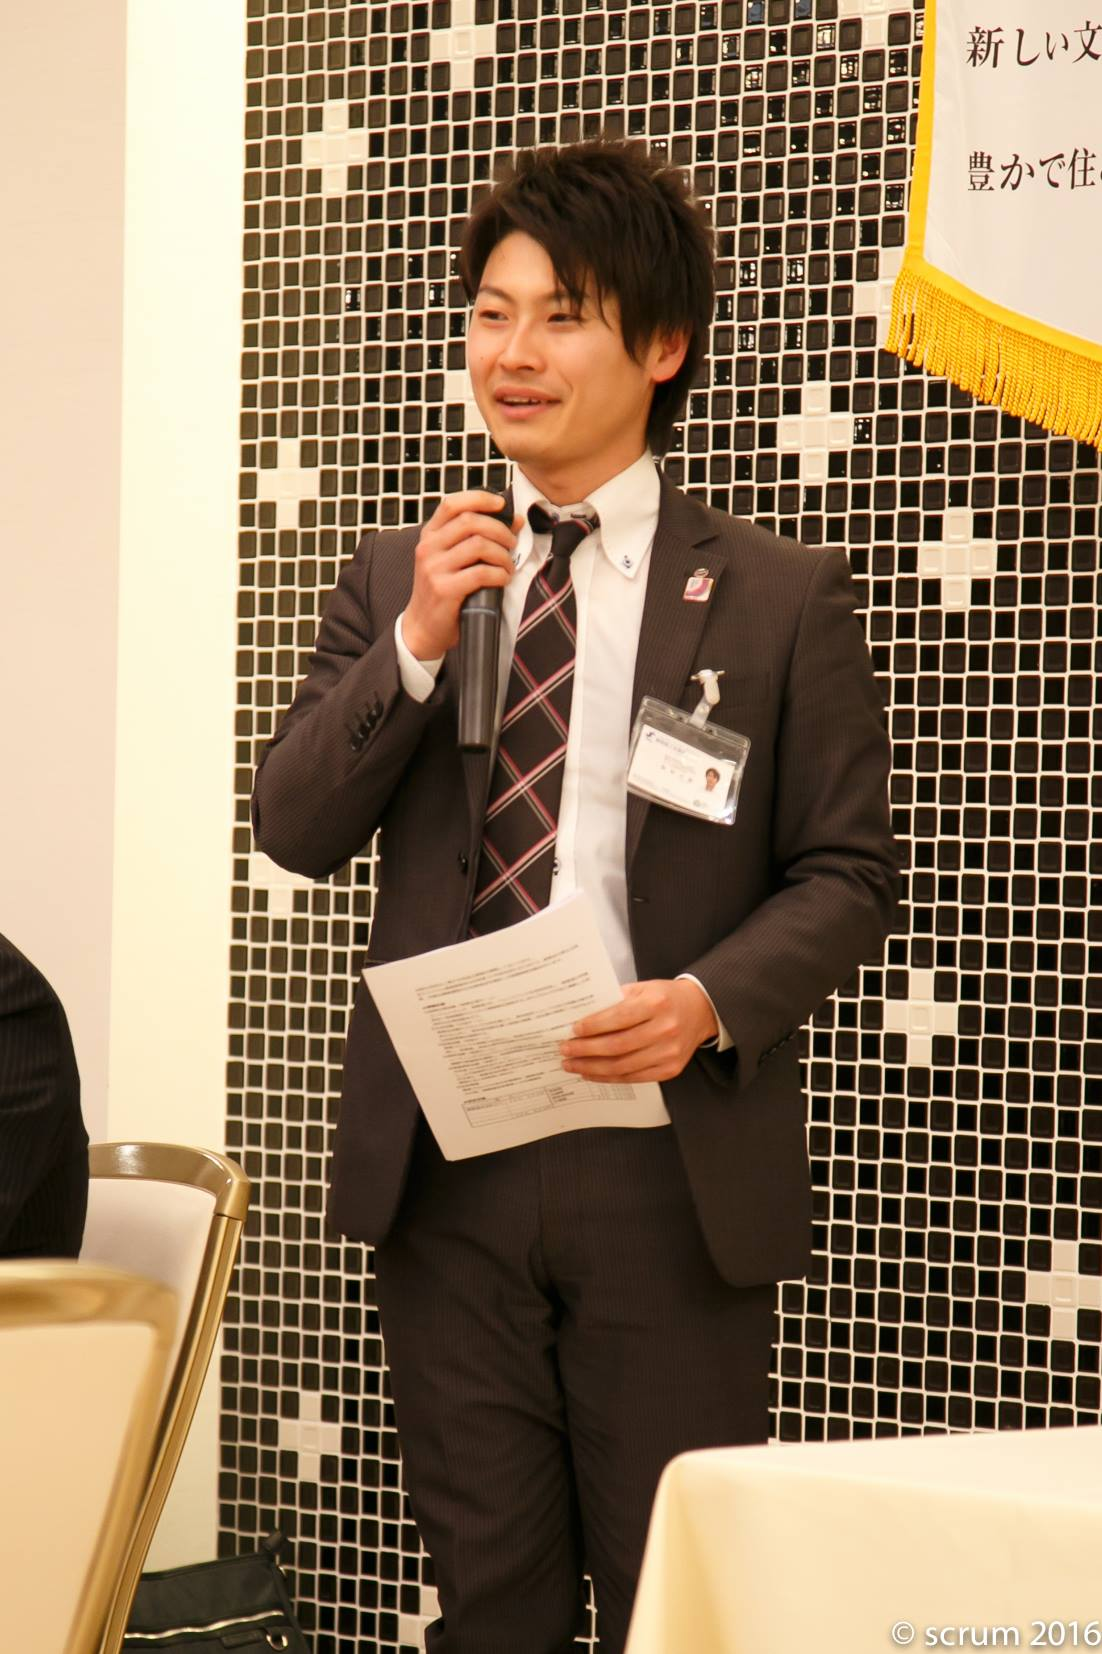 チーム別発表。総務広報チーム牧田大樹サブリーダー(静岡YEG)